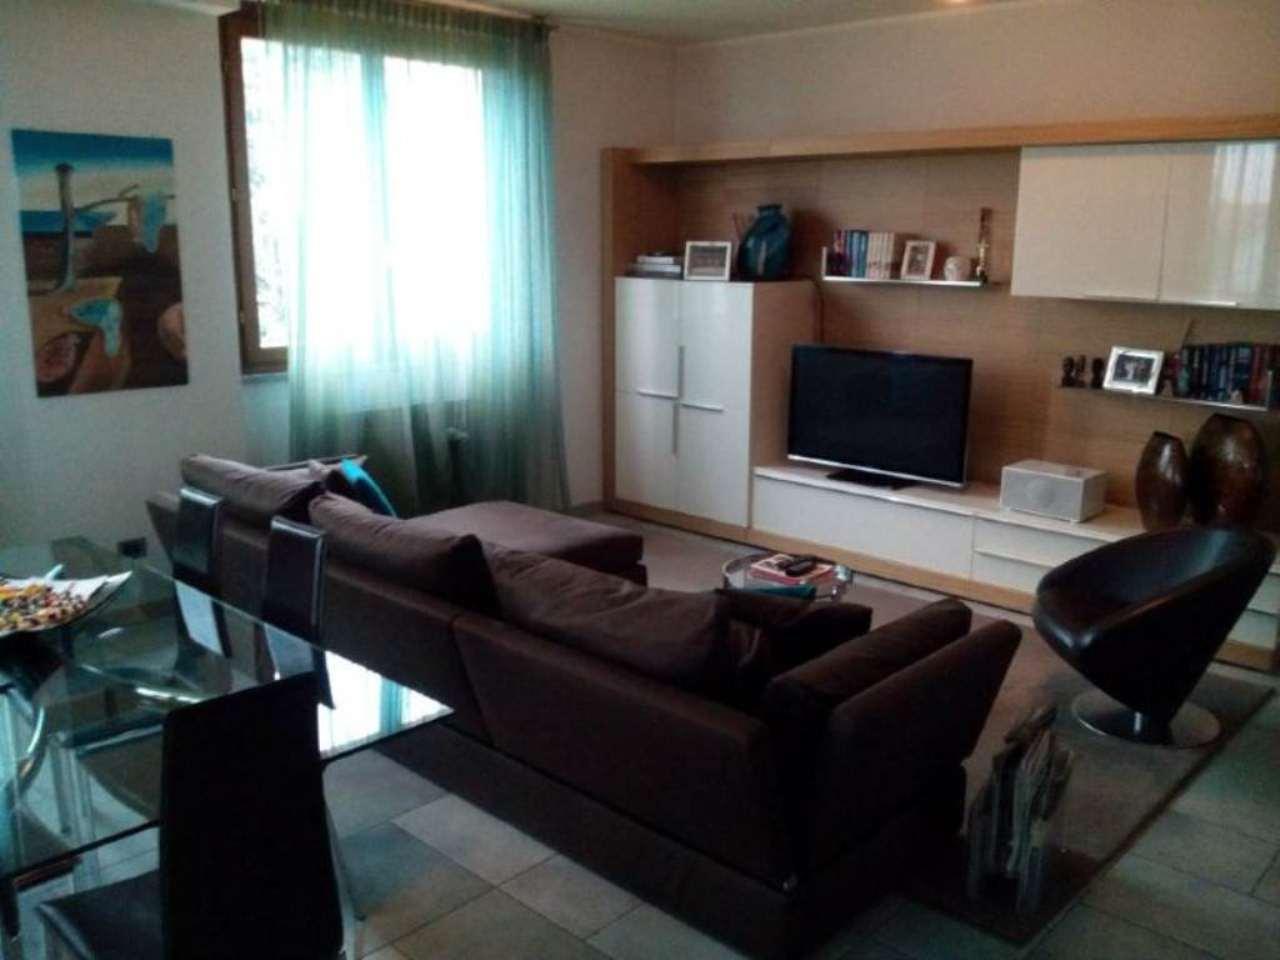 Attico / Mansarda in vendita a Cassano d'Adda, 4 locali, prezzo € 285.000 | Cambio Casa.it